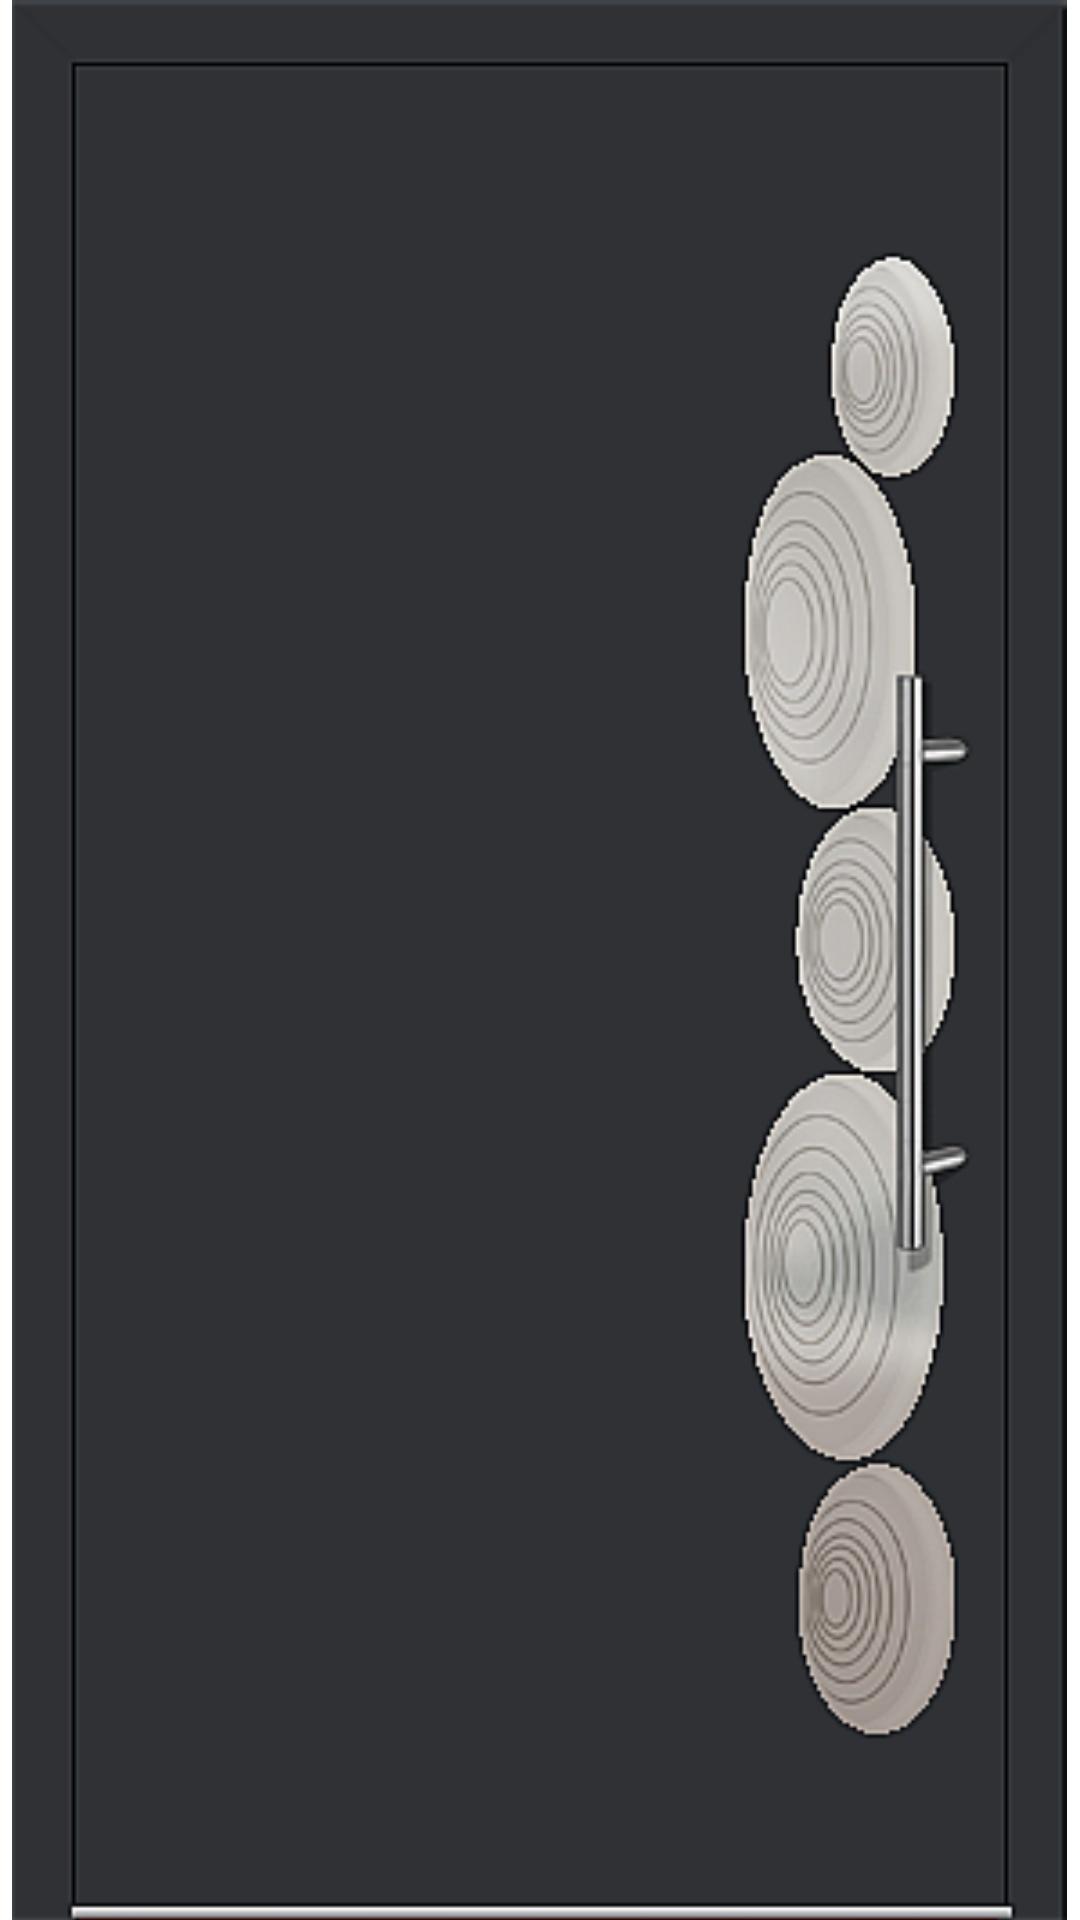 Kunststoff Haustür Modell 6153-40 schwarz